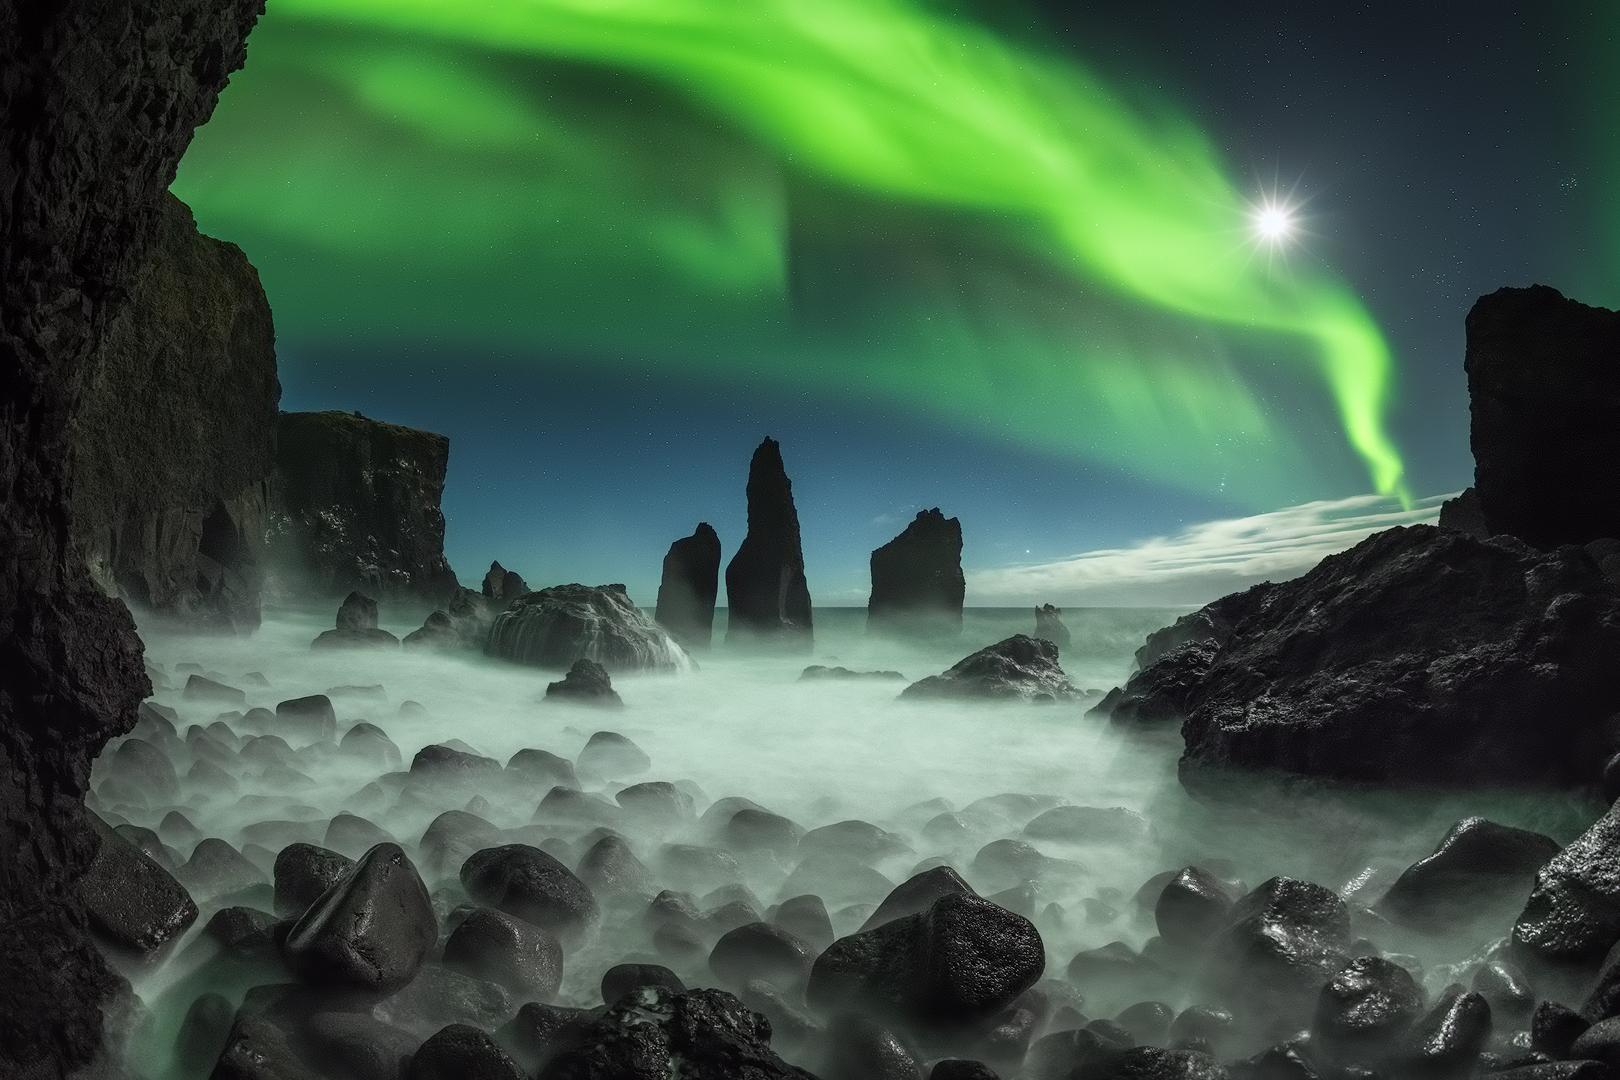 แสงเหนือเต้นรำอยู่บนท้องฟ้าที่มืดมิดที่เรคยาเนสส์